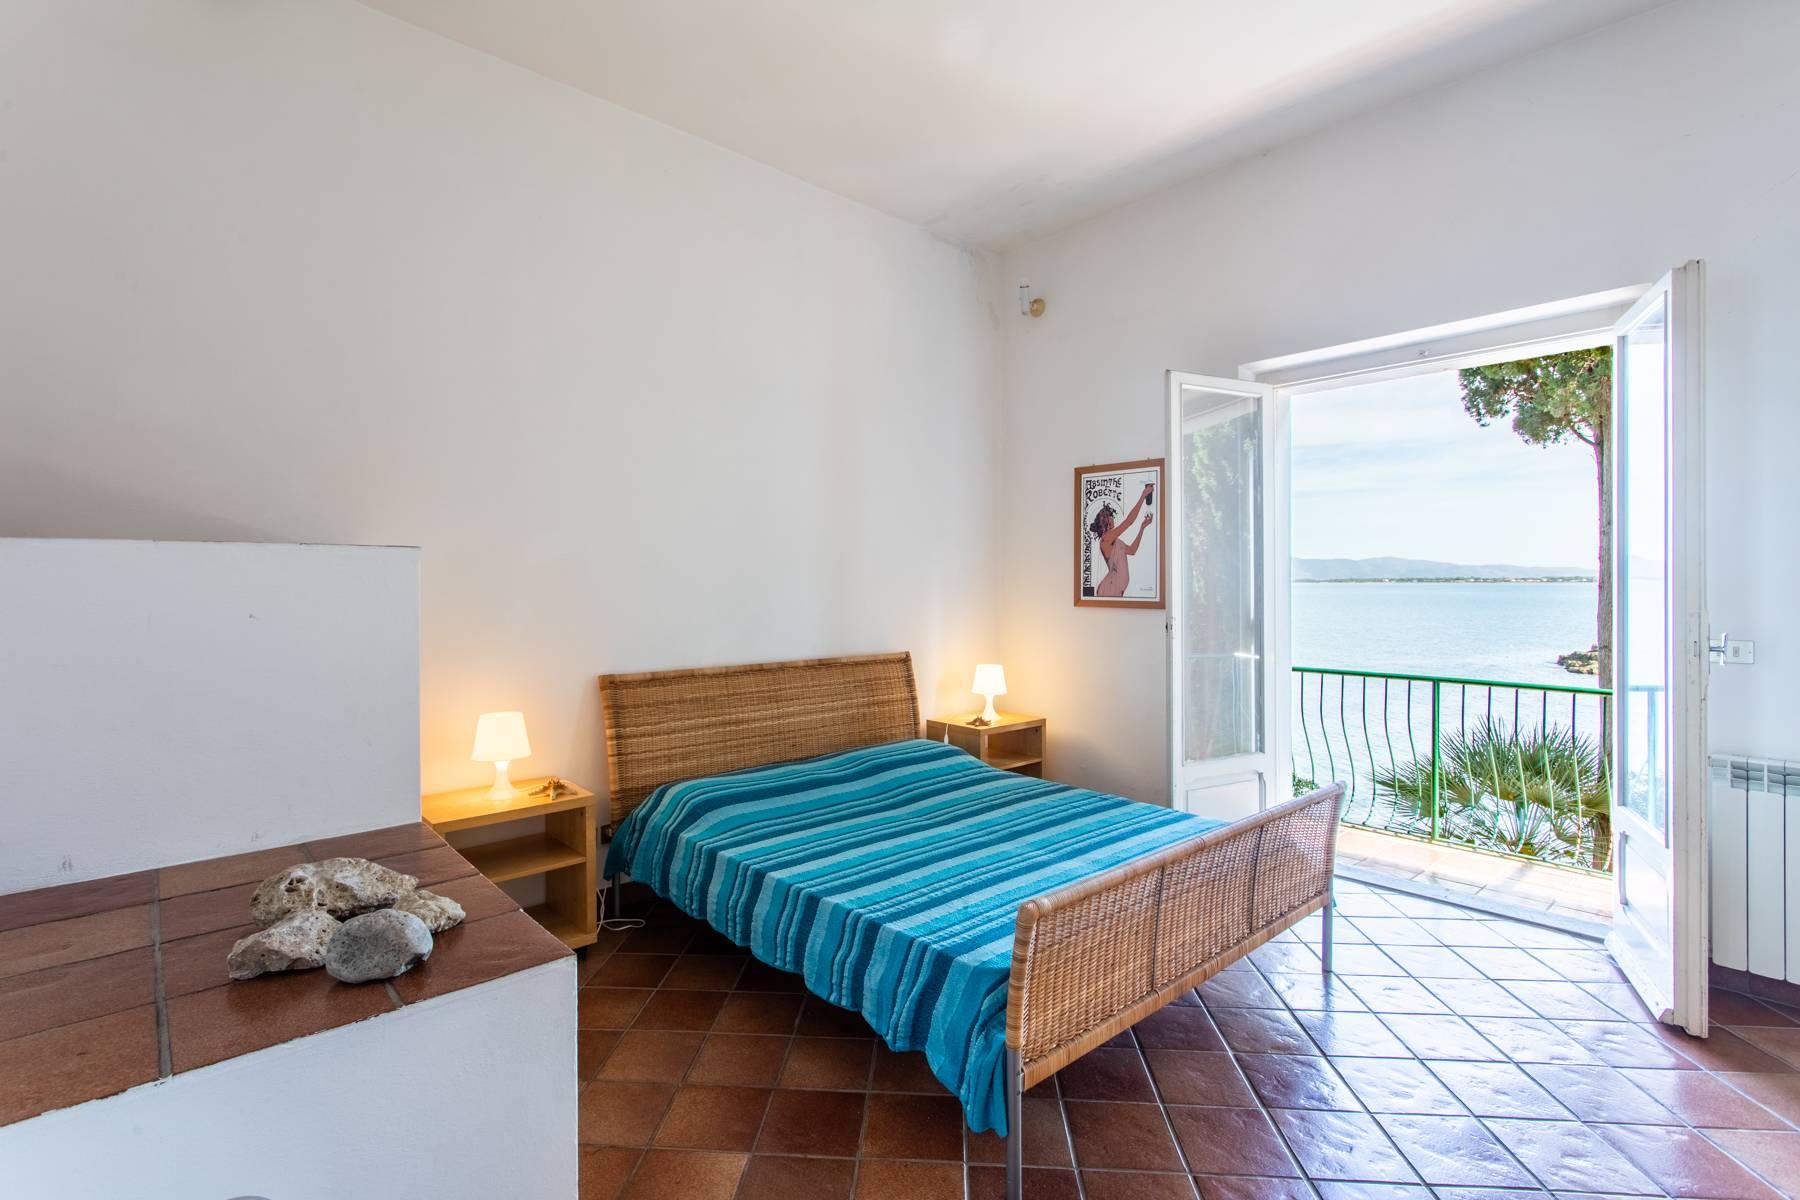 Villa in Vendita a Monte Argentario: 5 locali, 140 mq - Foto 18